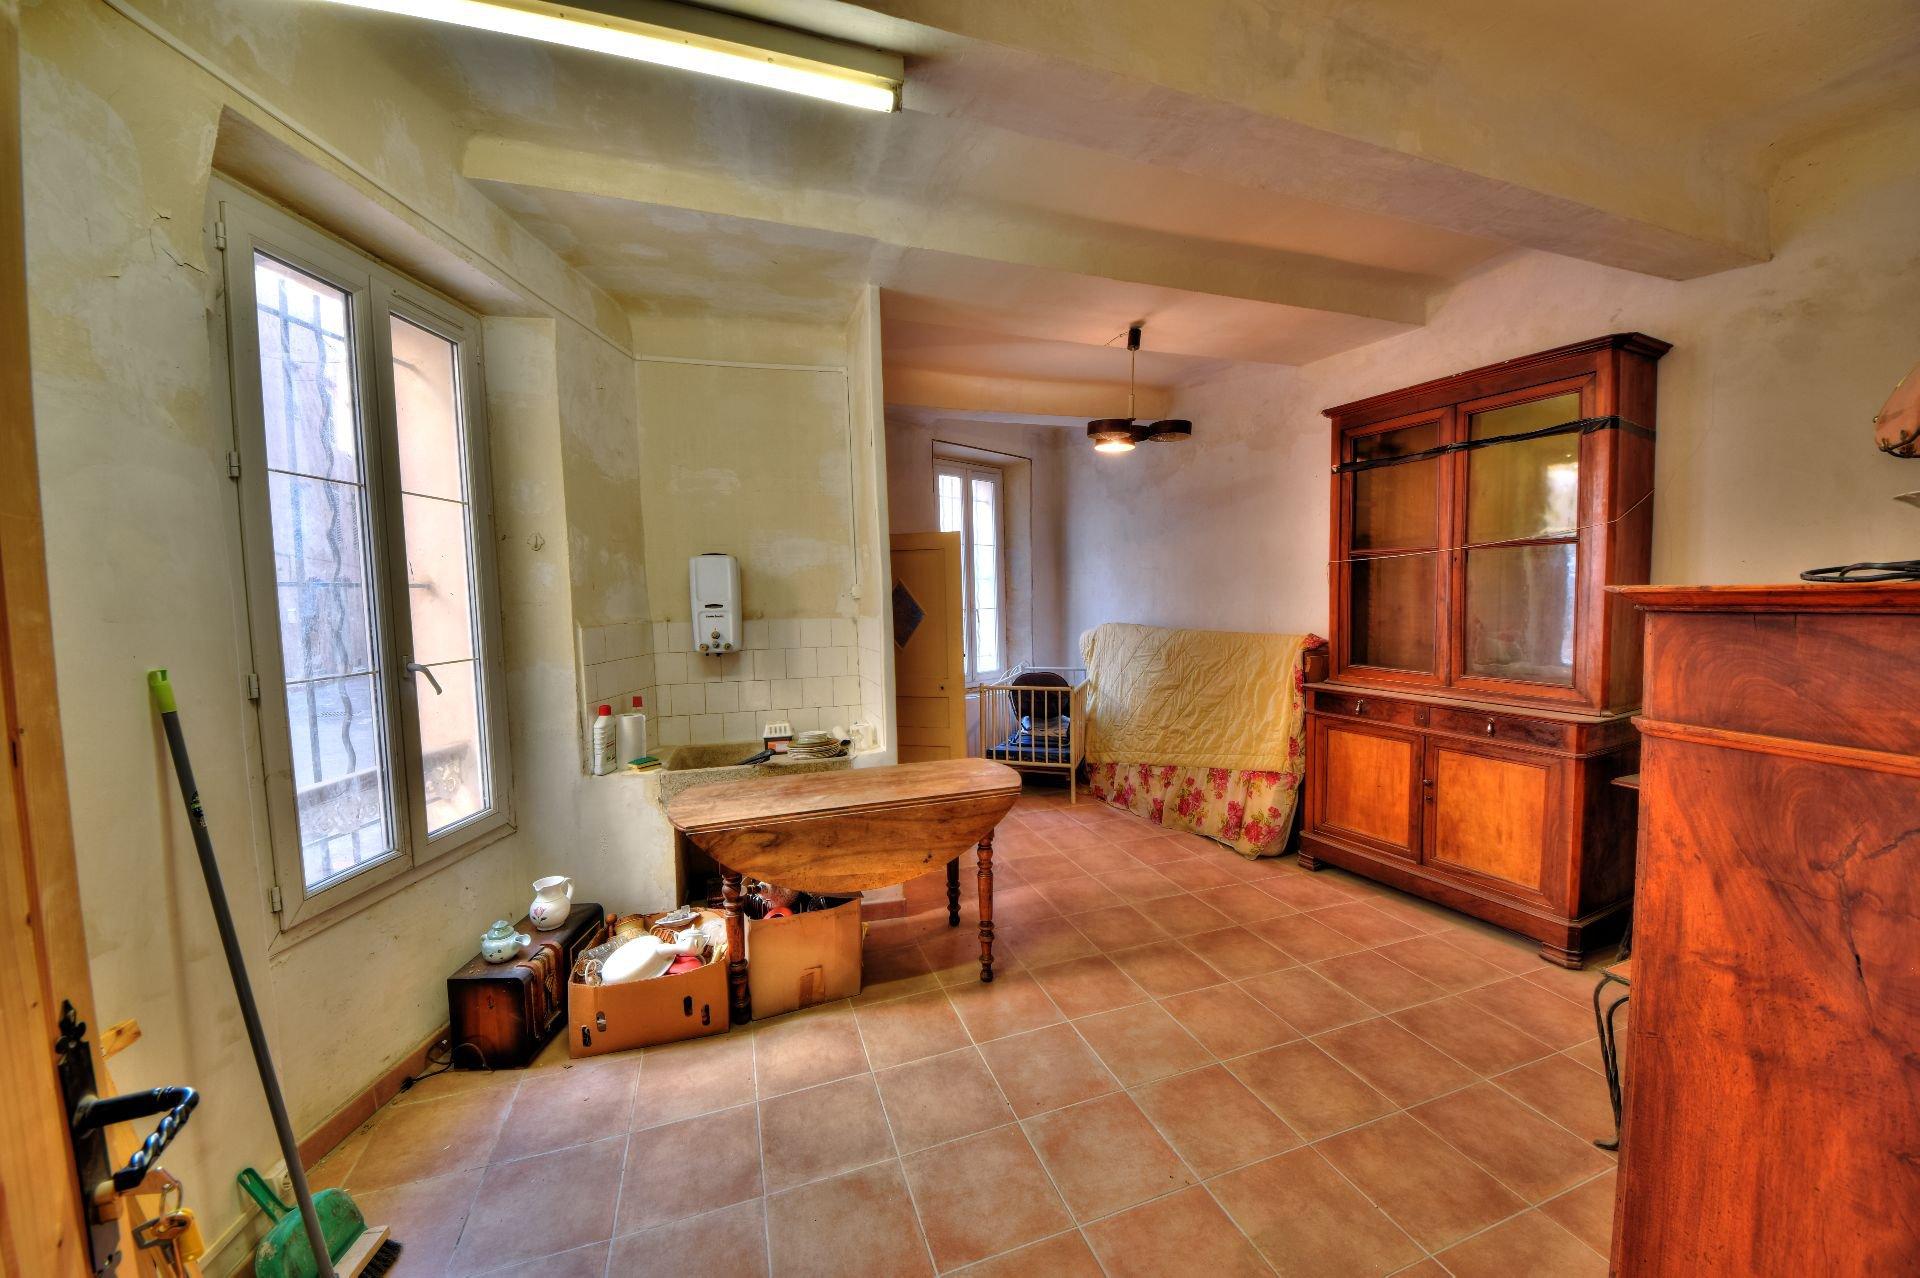 Studio dans Immeuble de trois appartements + un studio à rénover, Aups, Var, Provence